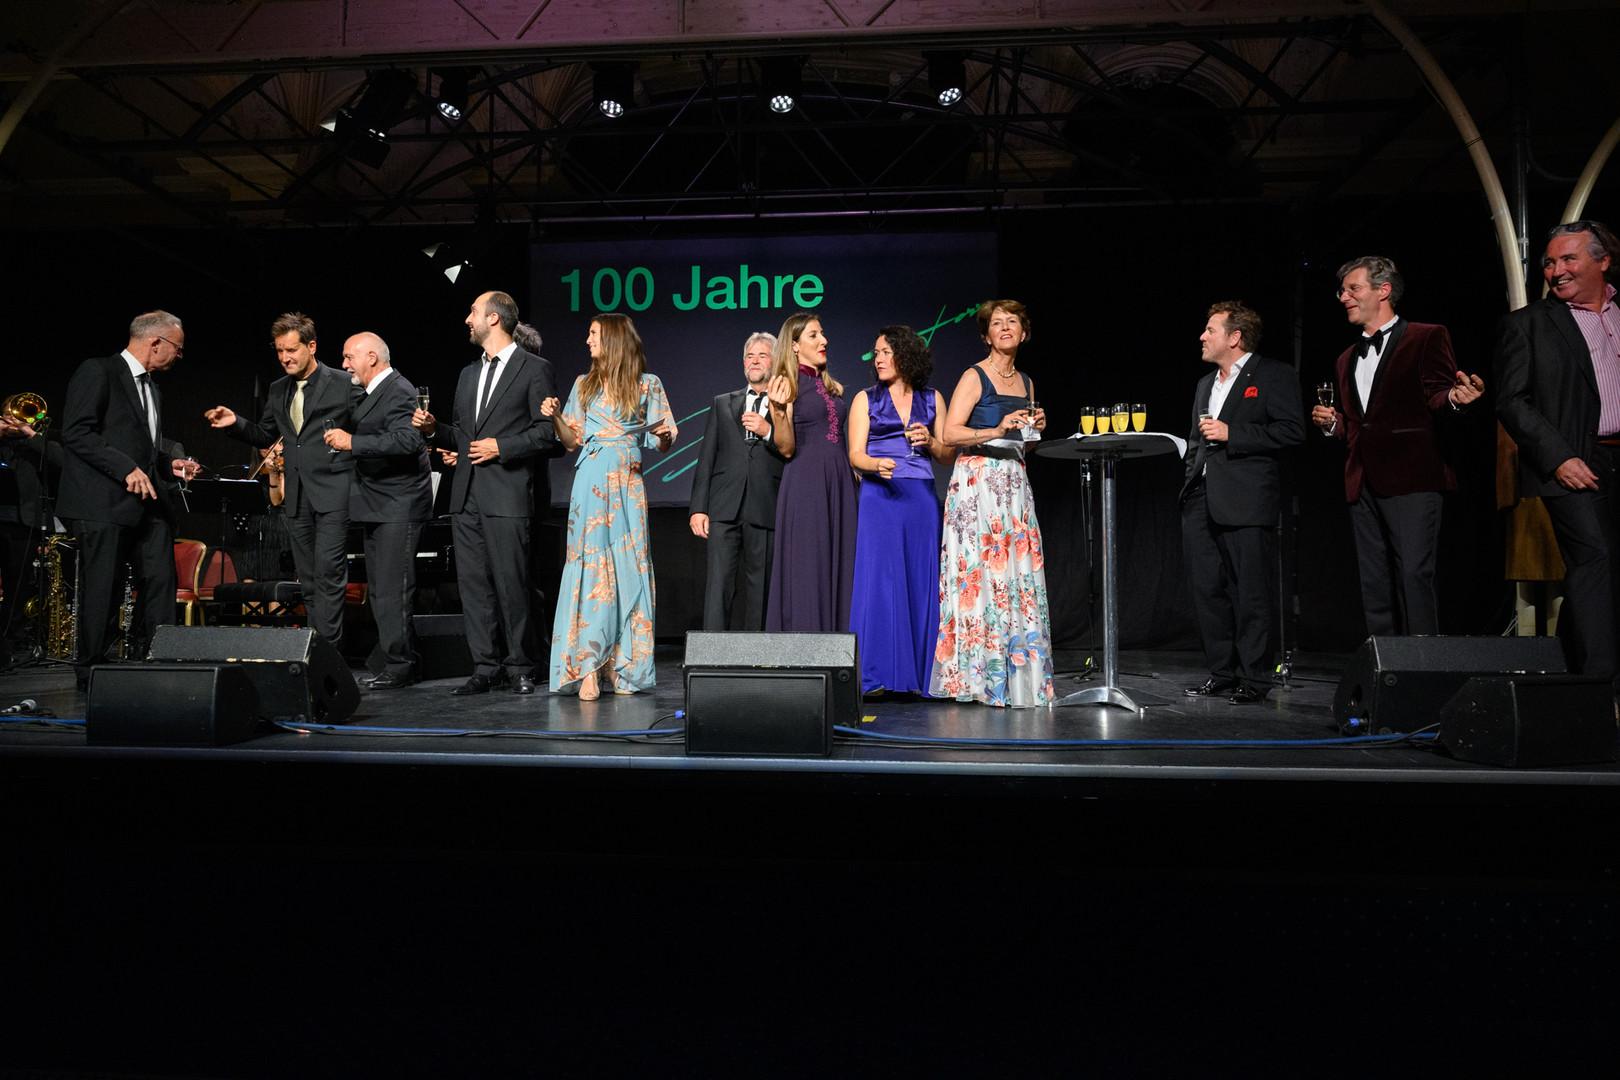 100 Jahre Vico Torriani